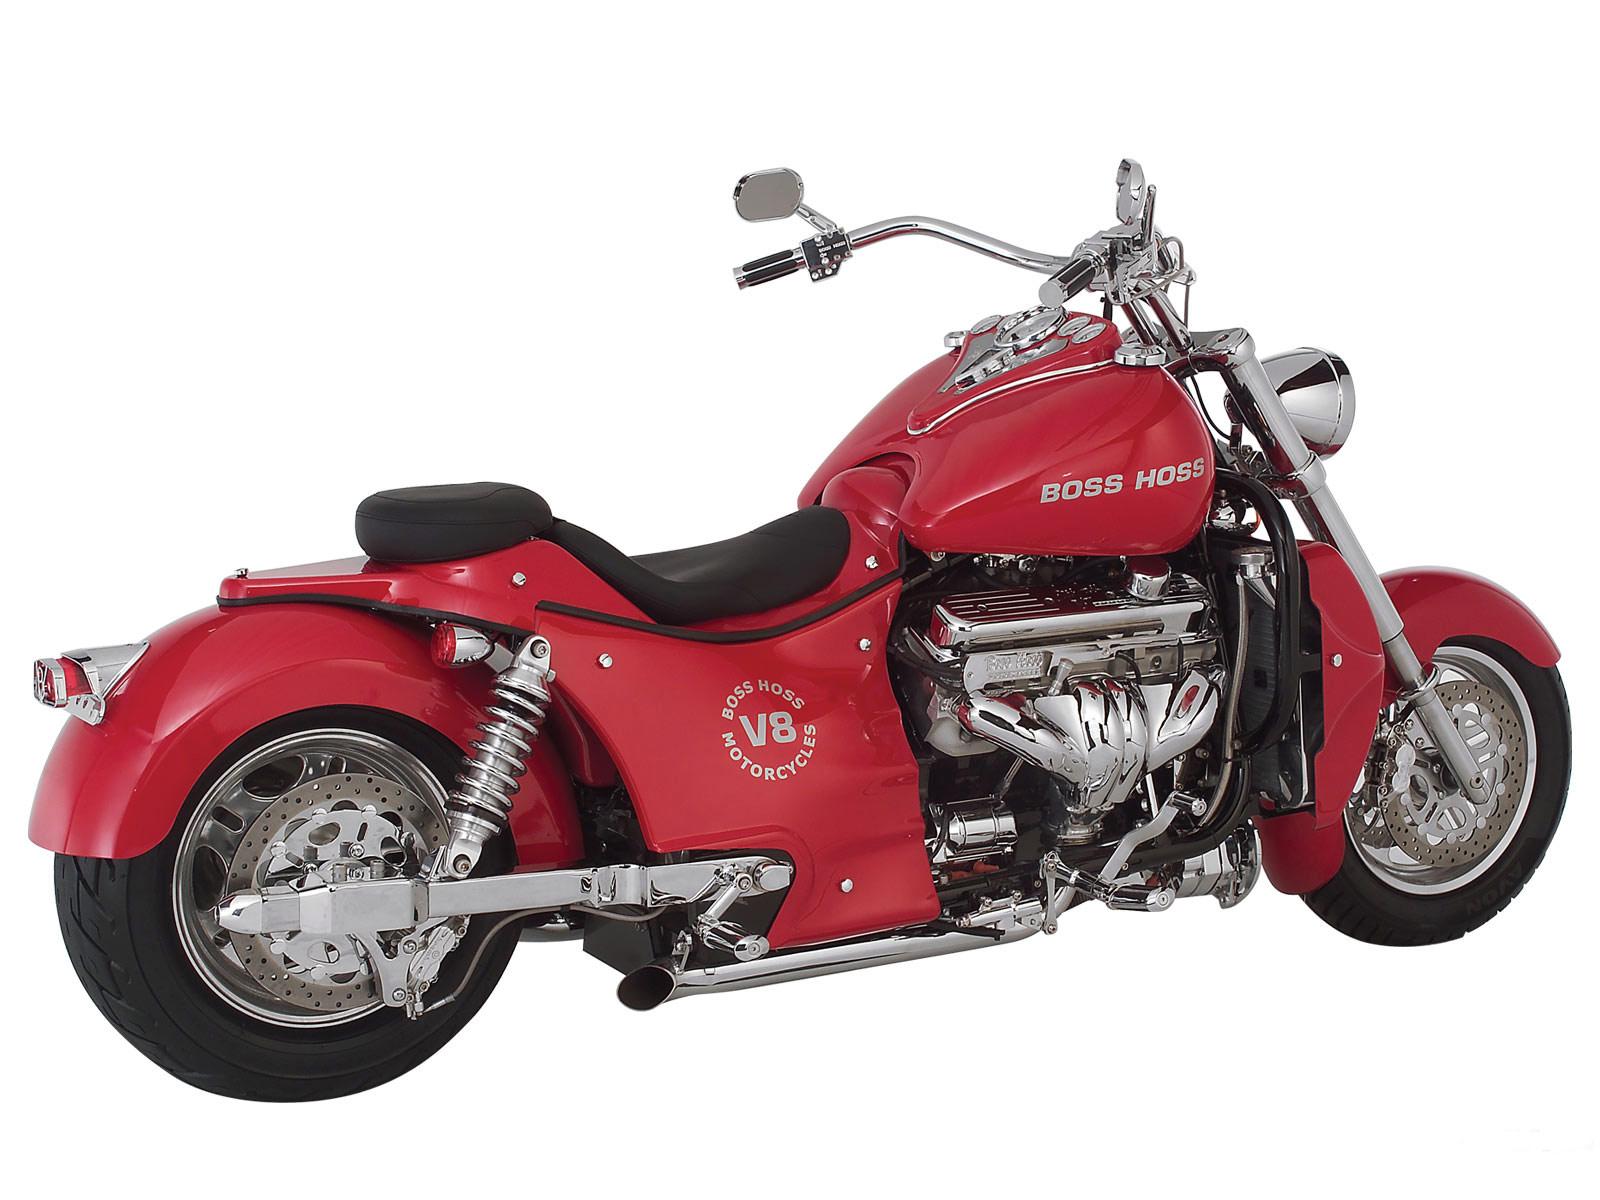 http://2.bp.blogspot.com/-24f_2sOjSGs/TlXgB8Zj7XI/AAAAAAAAArw/sYM2ukMxuC8/s1600/BossHoss_BHC-3_ZZ4_motorcycle-deskto-wallpaper_1.jpg